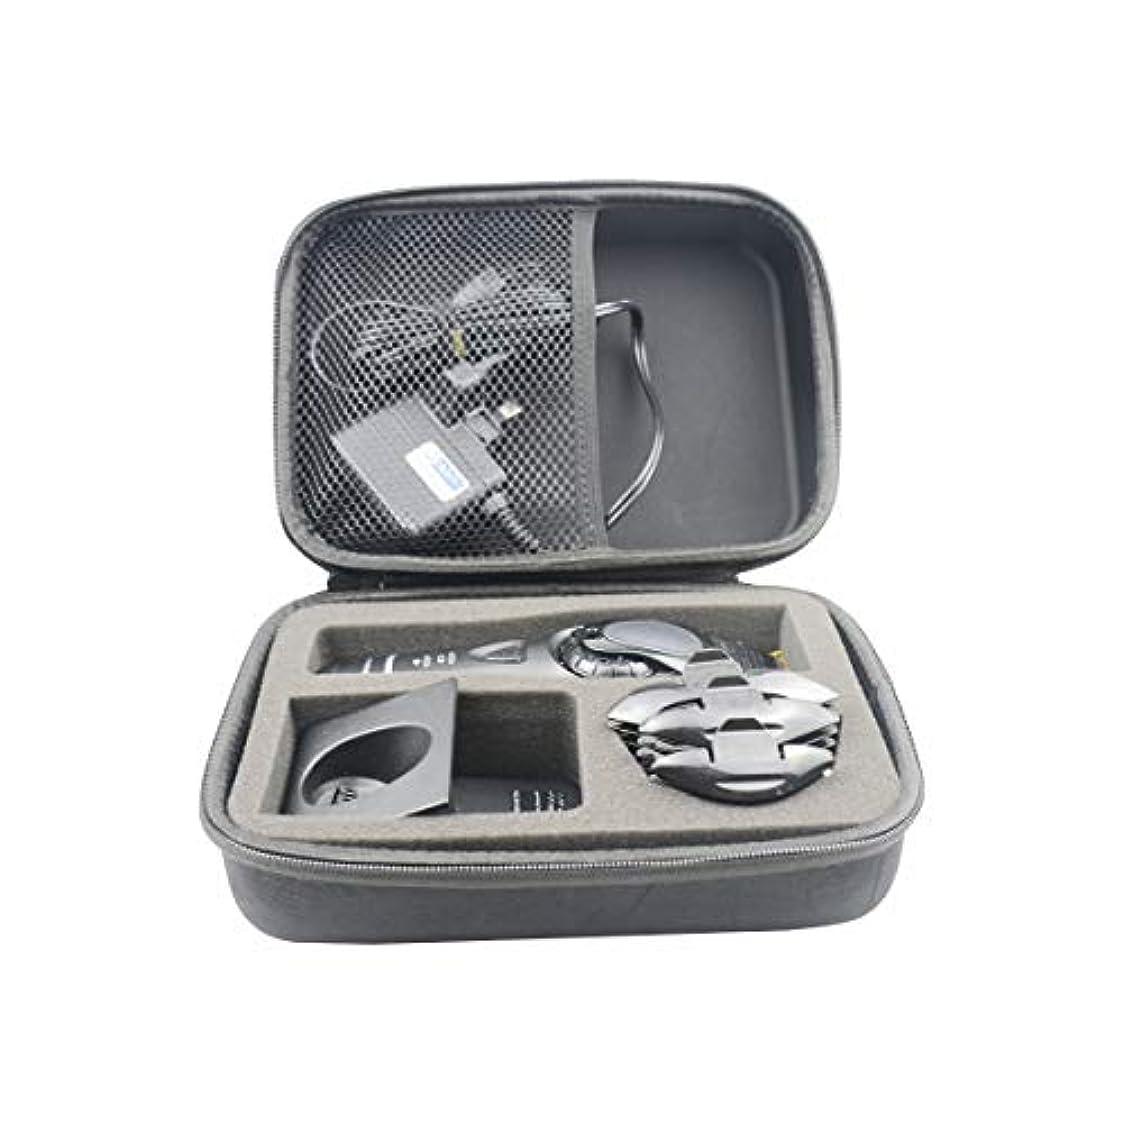 形人気のかび臭いSANVSENパナソニックER-GP80 Kプロフェッショナルヘアクリッパーハードスーツケース